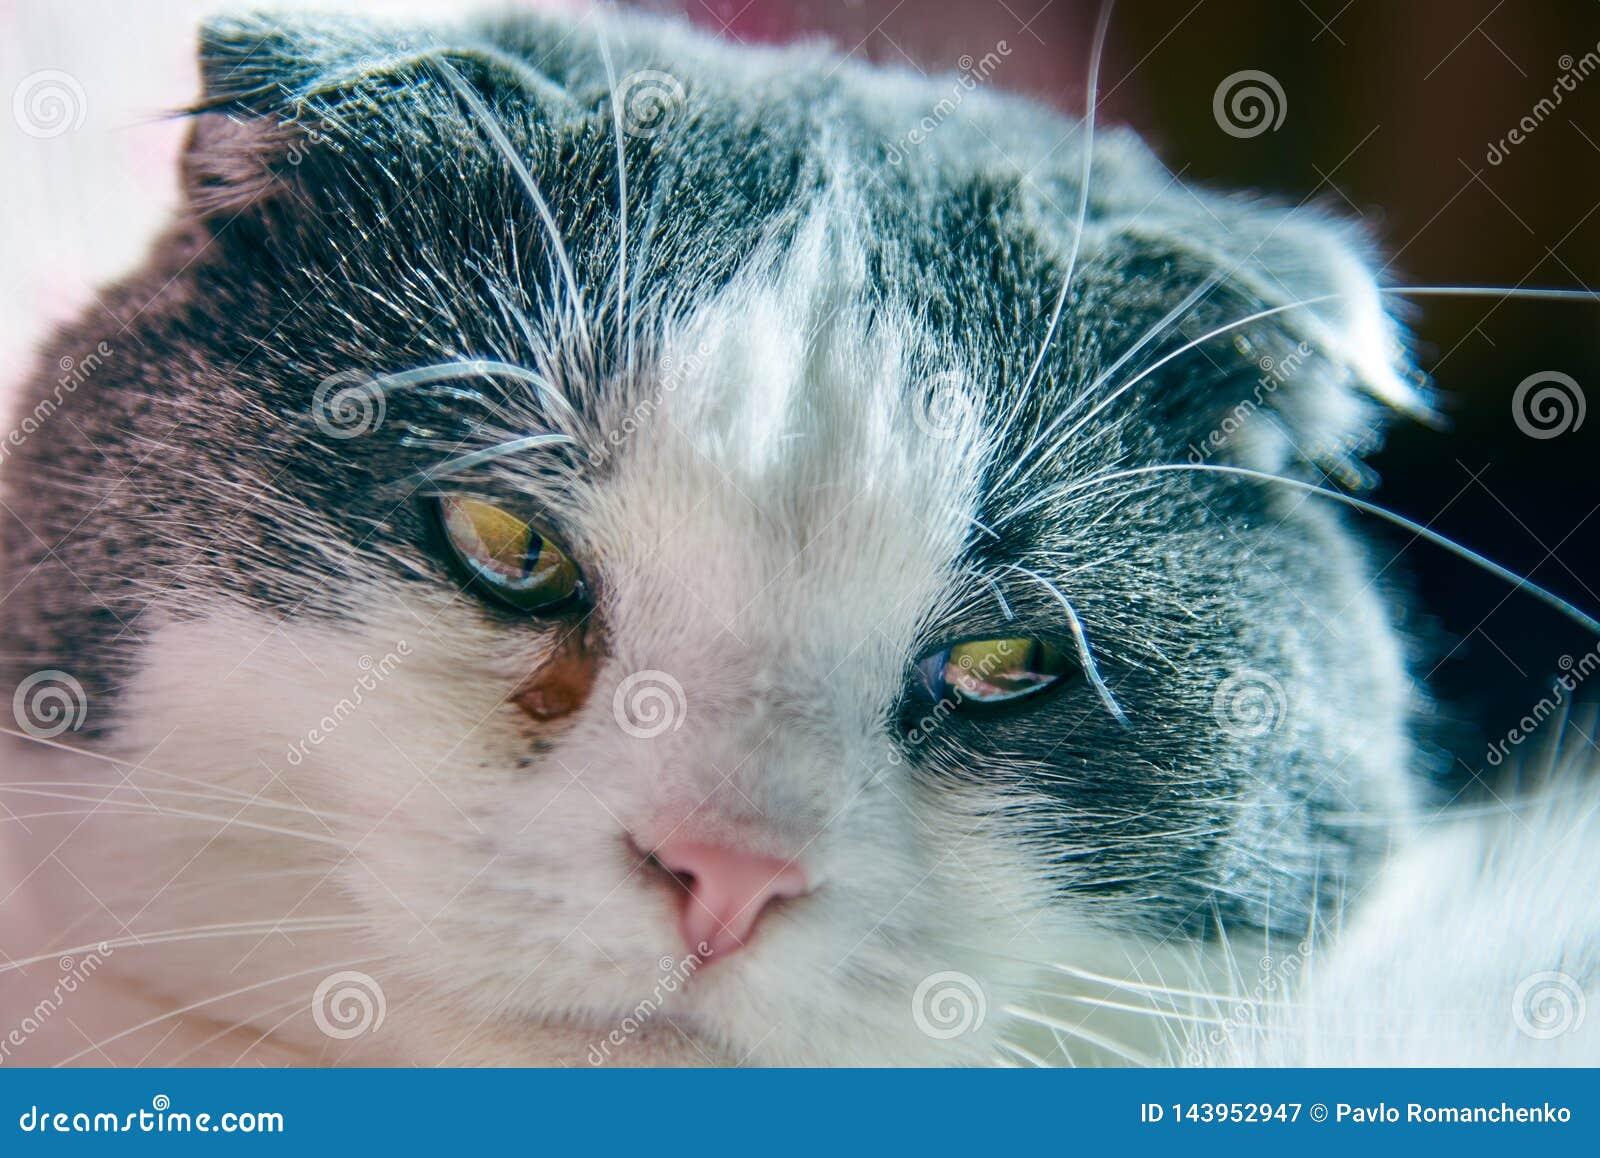 Een kat heeft een waterig oog, bindvliesontsteking, close-up